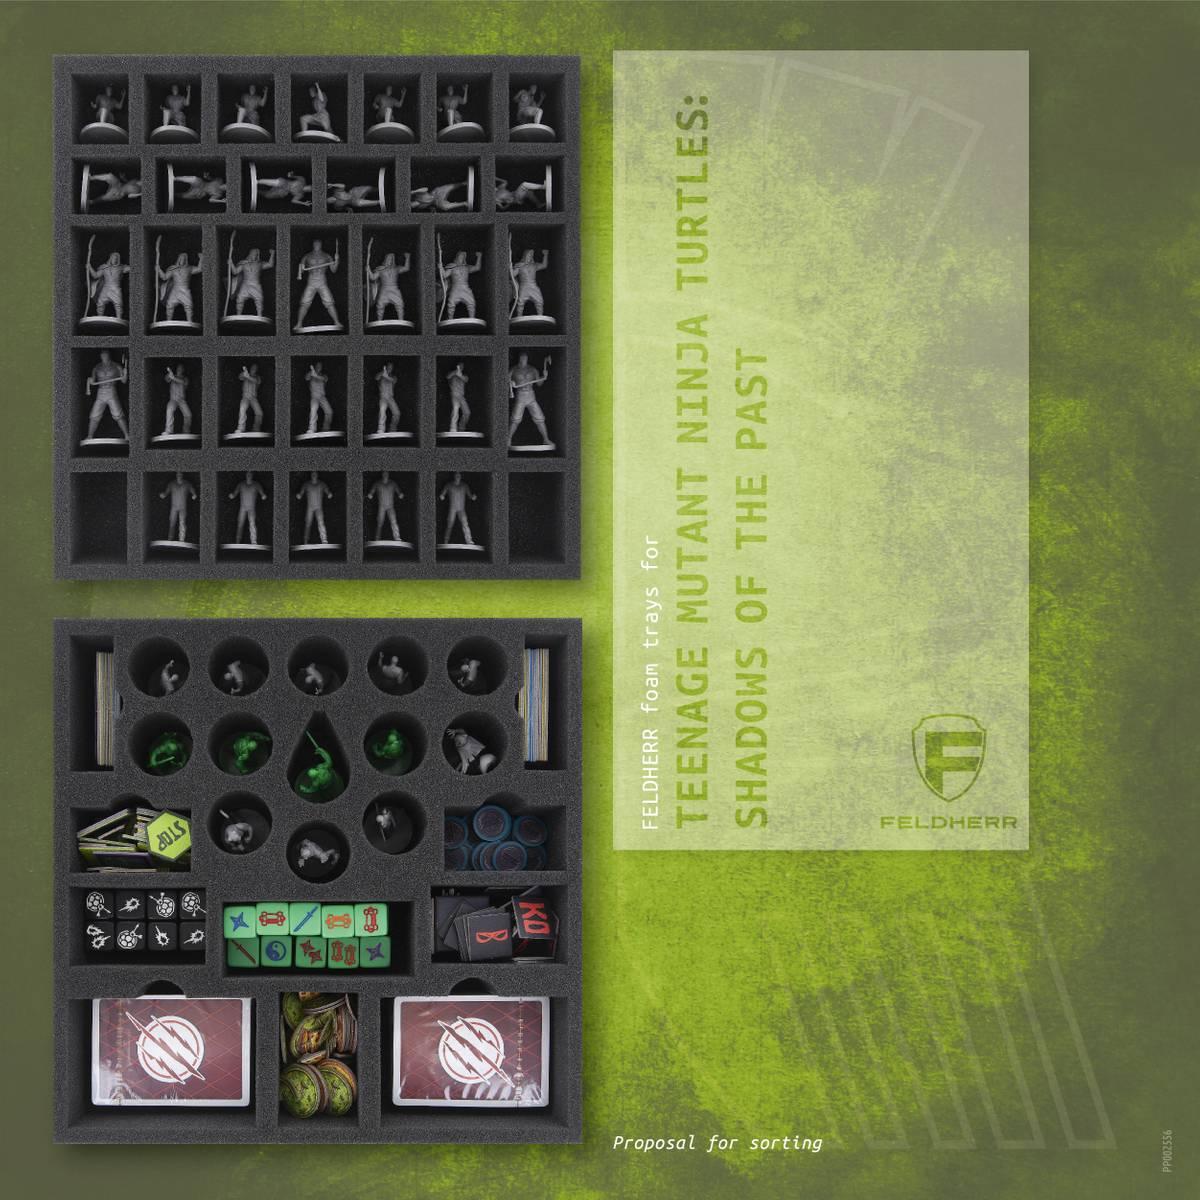 PP002556 - Flyer für Teenage Mutant Ninja Turtles: Shadows of the Past